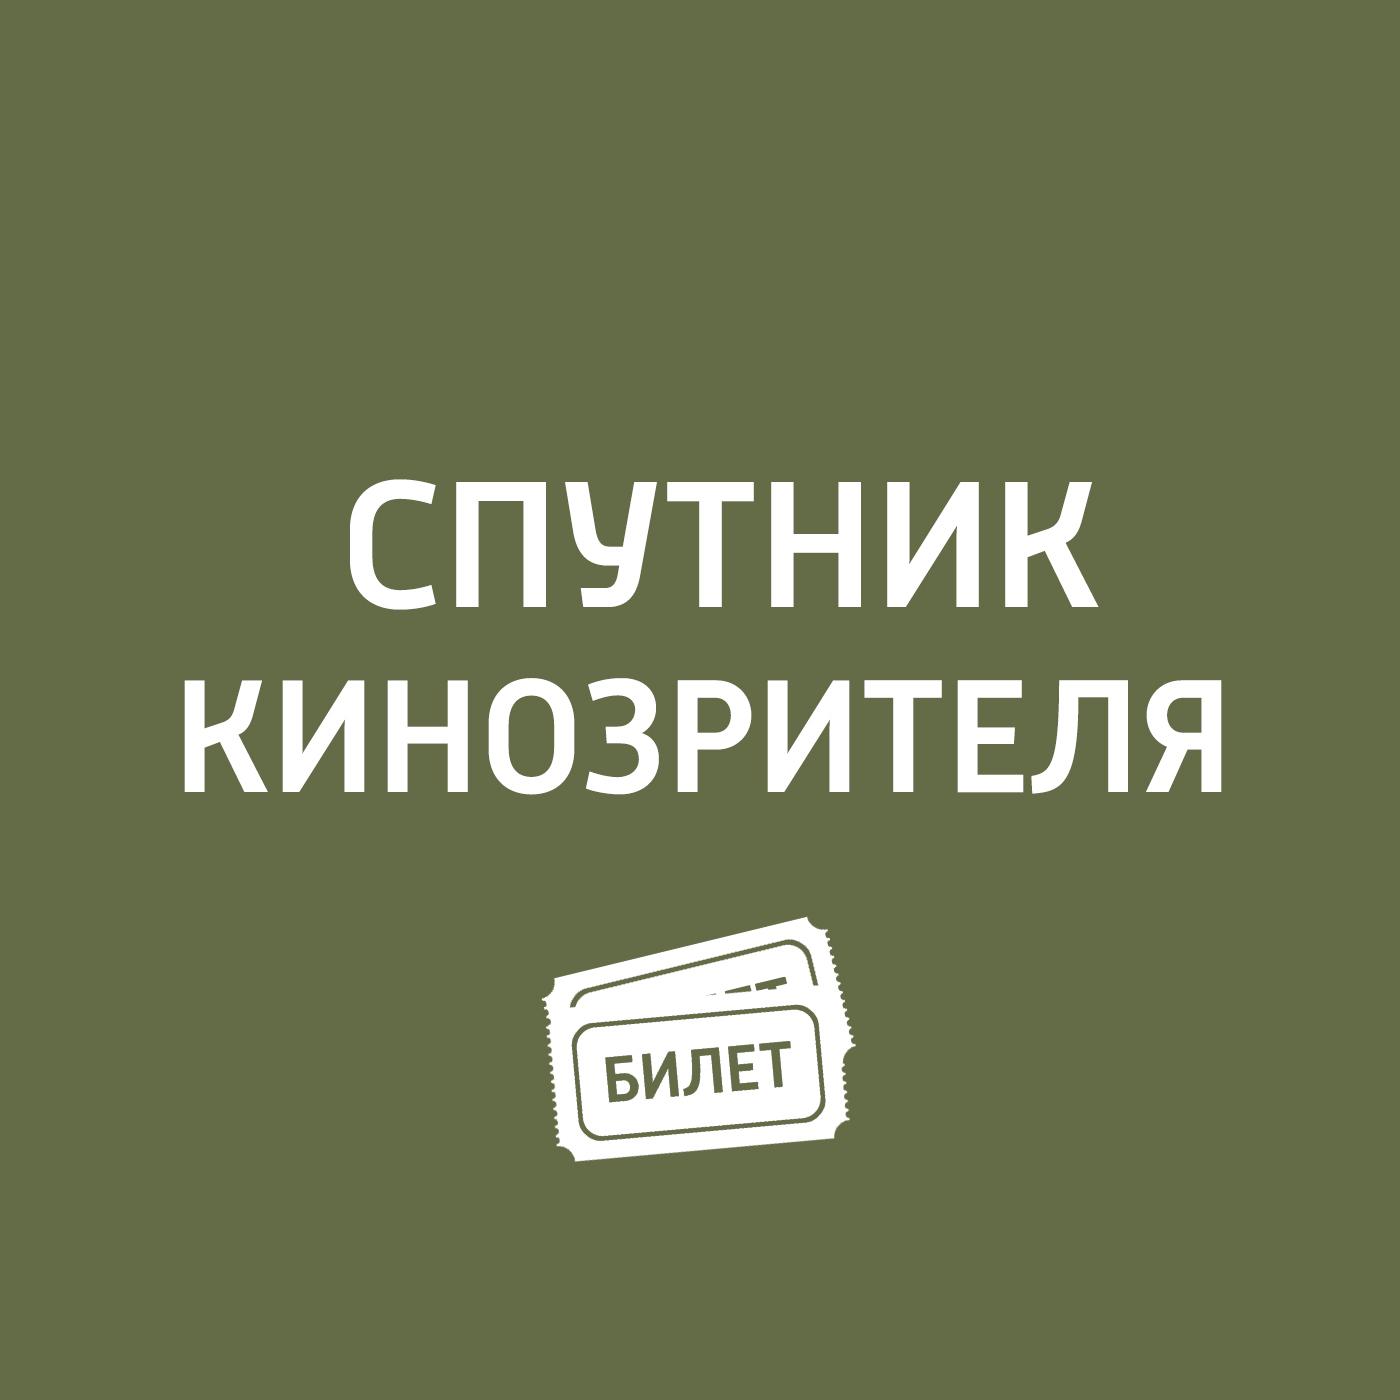 Антон Долин «Человек, который всех удивил», «Лоро», «Два билета домой» напарник 2017 россия в главной роли сергей гармаш